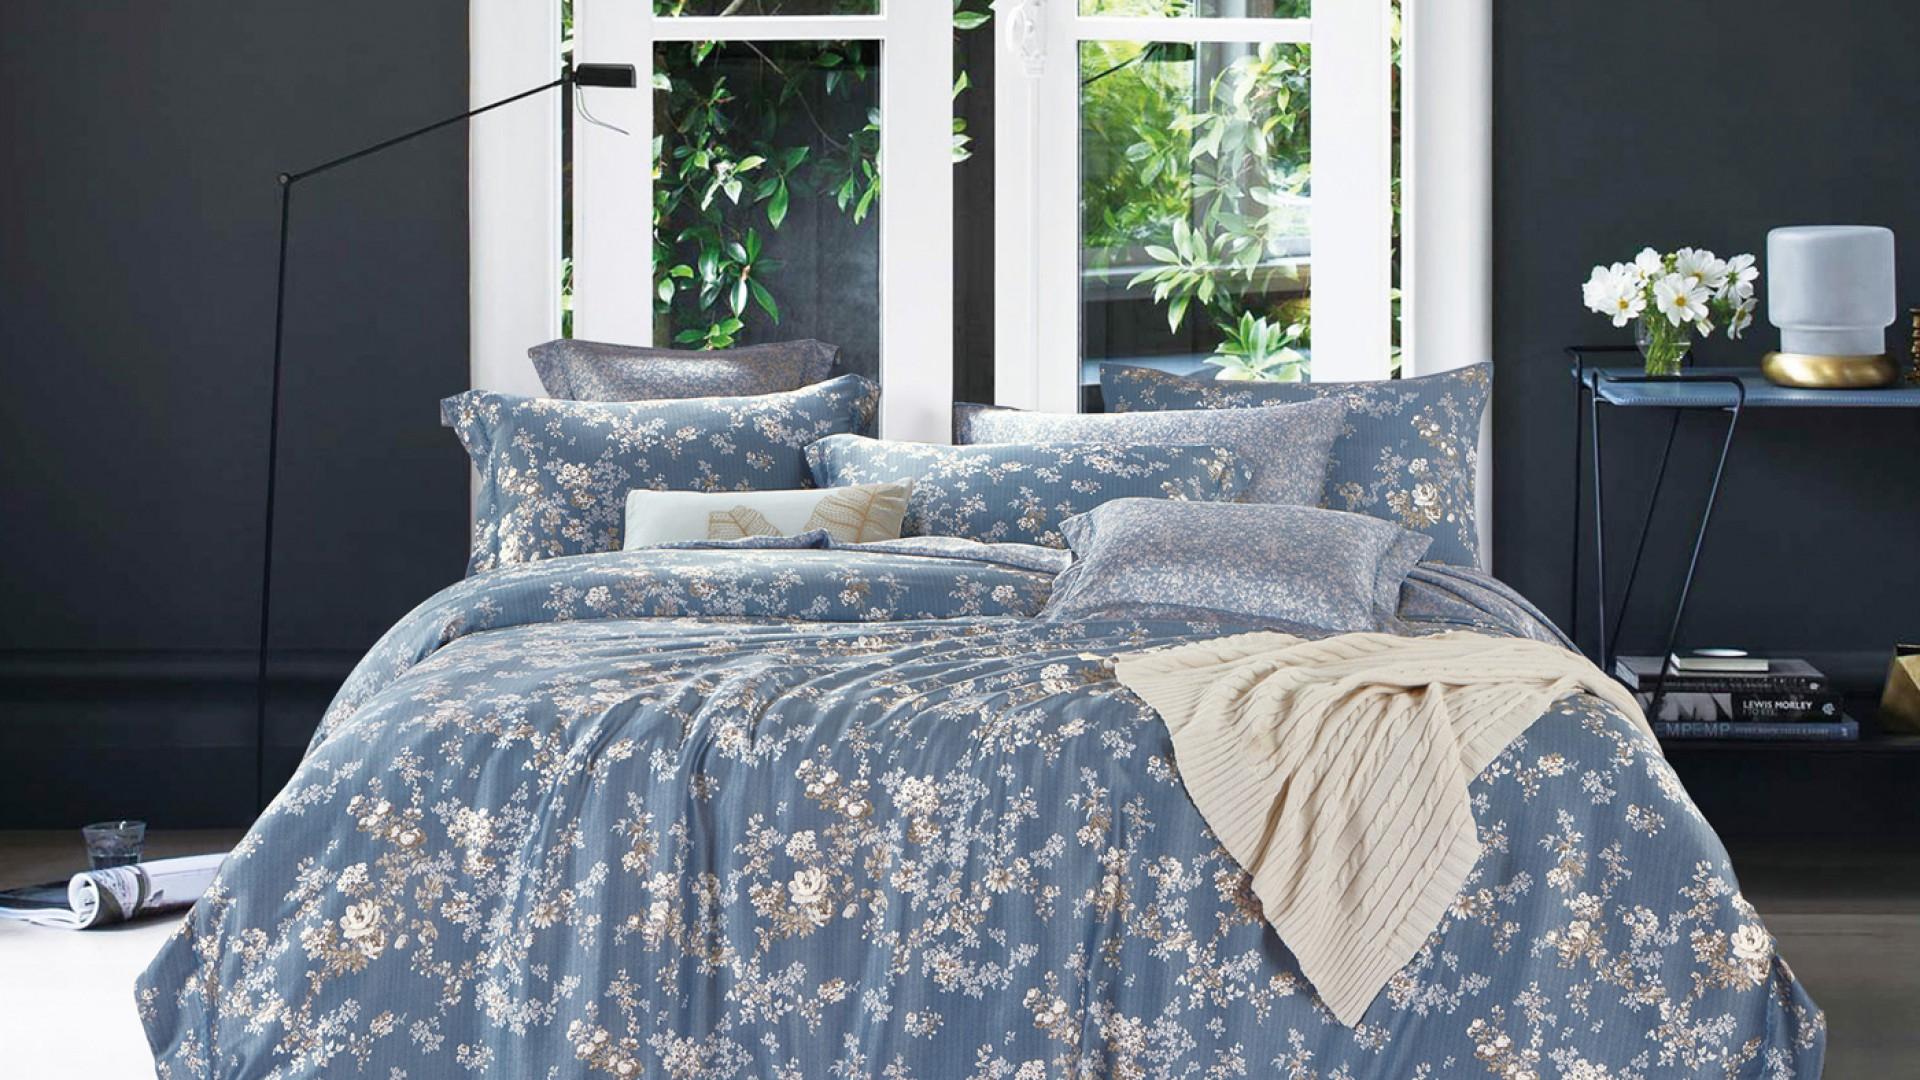 Постельное белье Asabella Постельное белье Monica  (семейное) постельное белье asabella постельное белье 1 5 спальное тенсел сатин